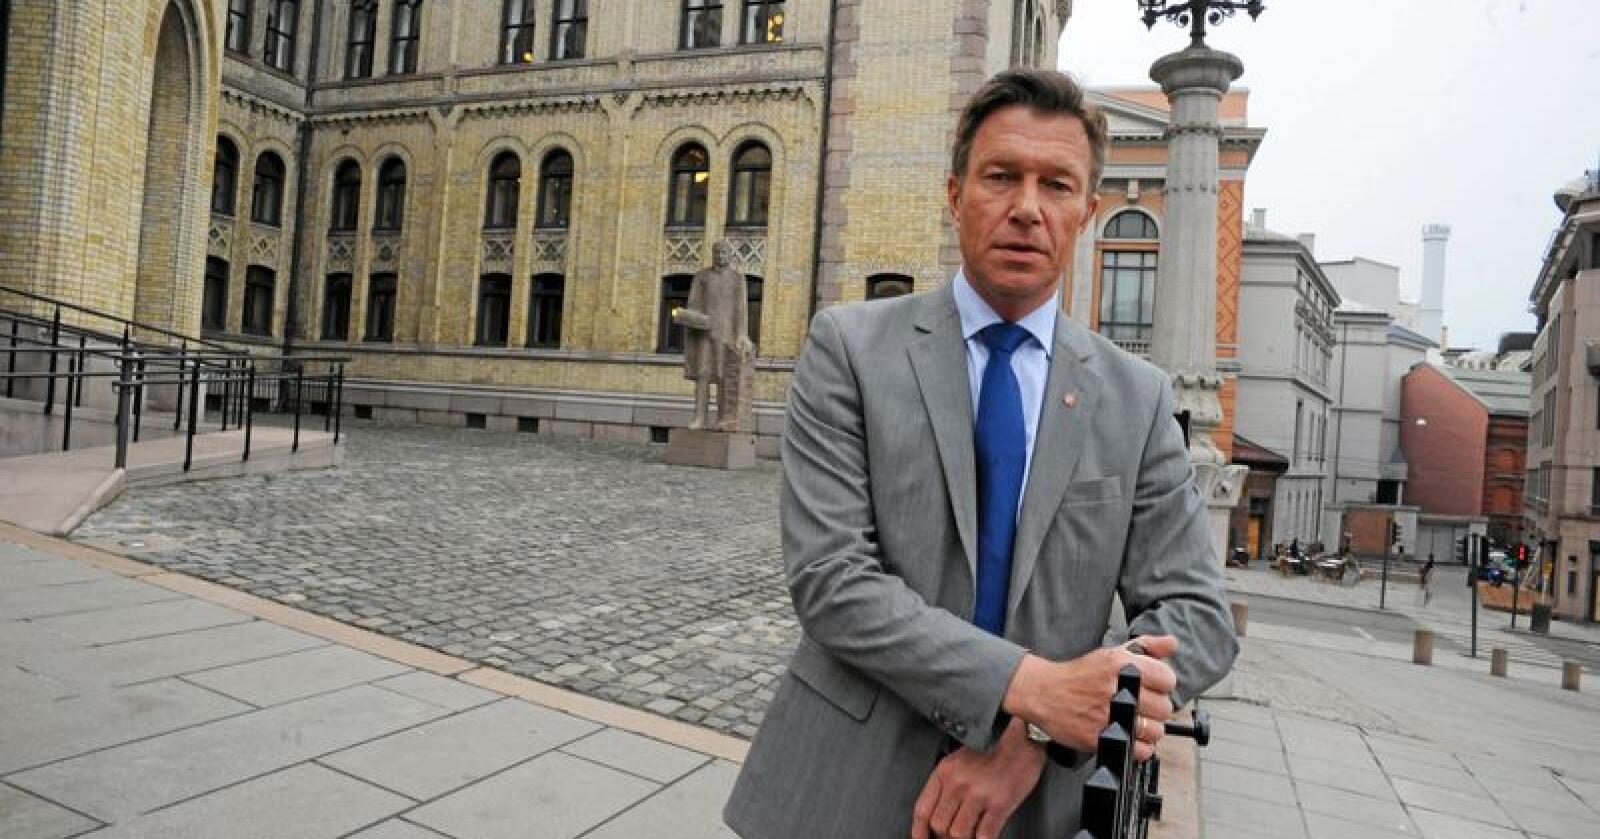 Terje Lien Aasland (Ap) mener det ikke er en god nok kompensasjonsordning som har blitt presentert. Foto: Siri Juell Rasmussen